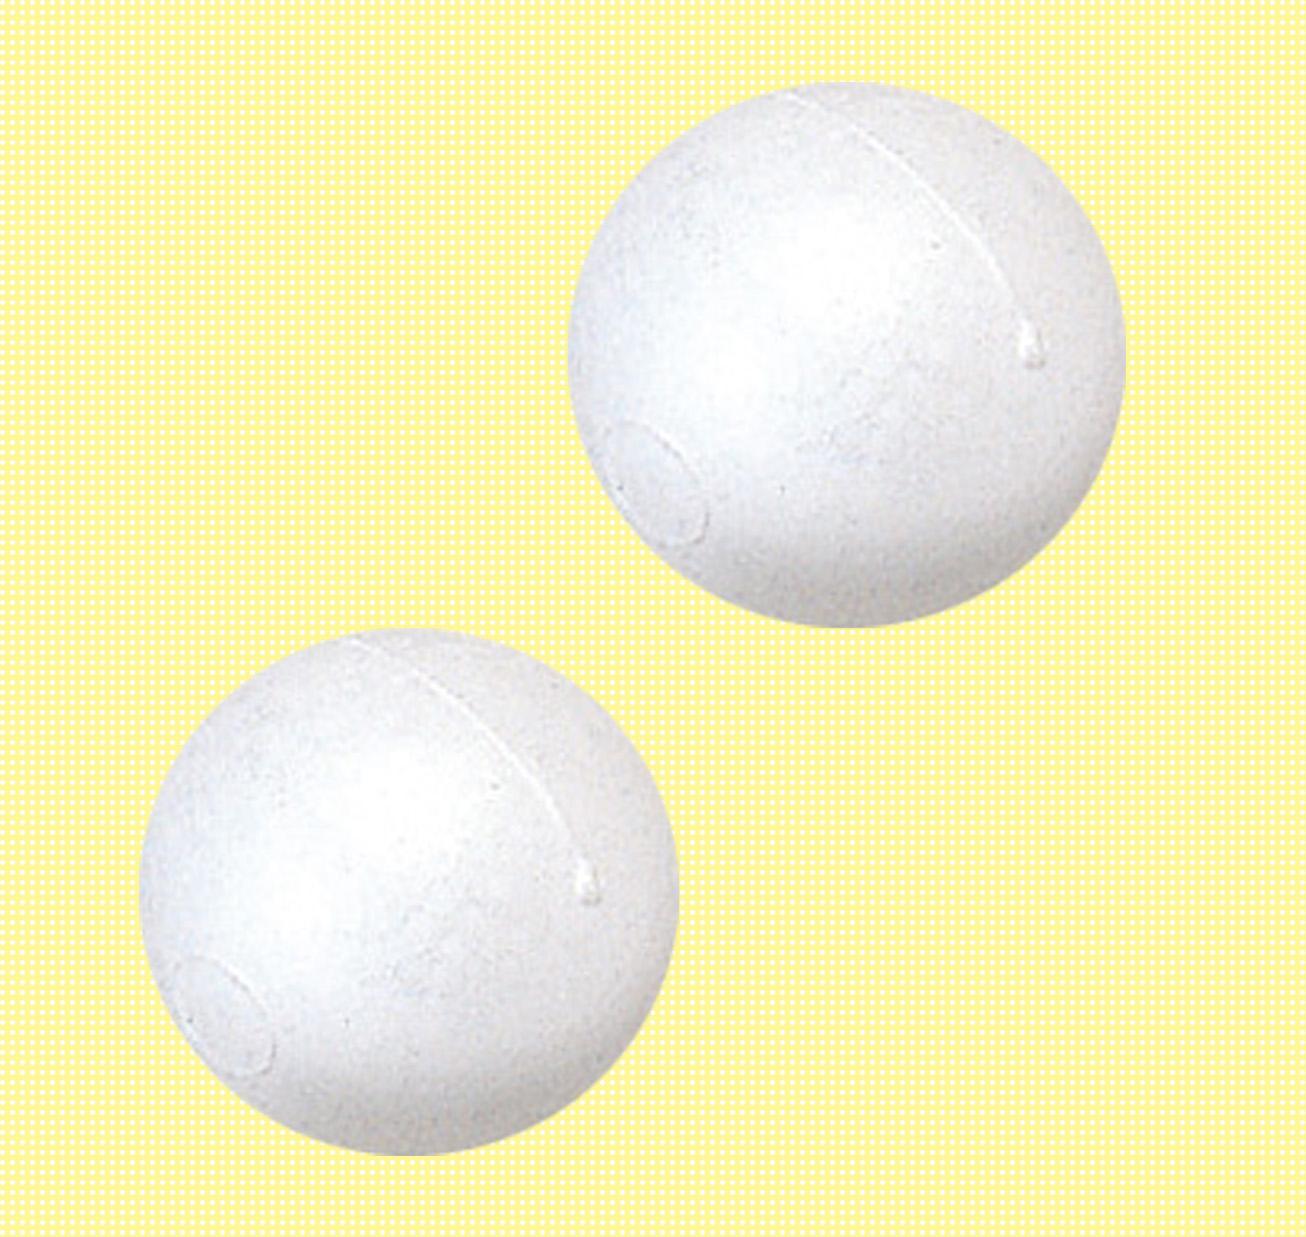 発泡球Eφ75mm(5個入) サムネイル